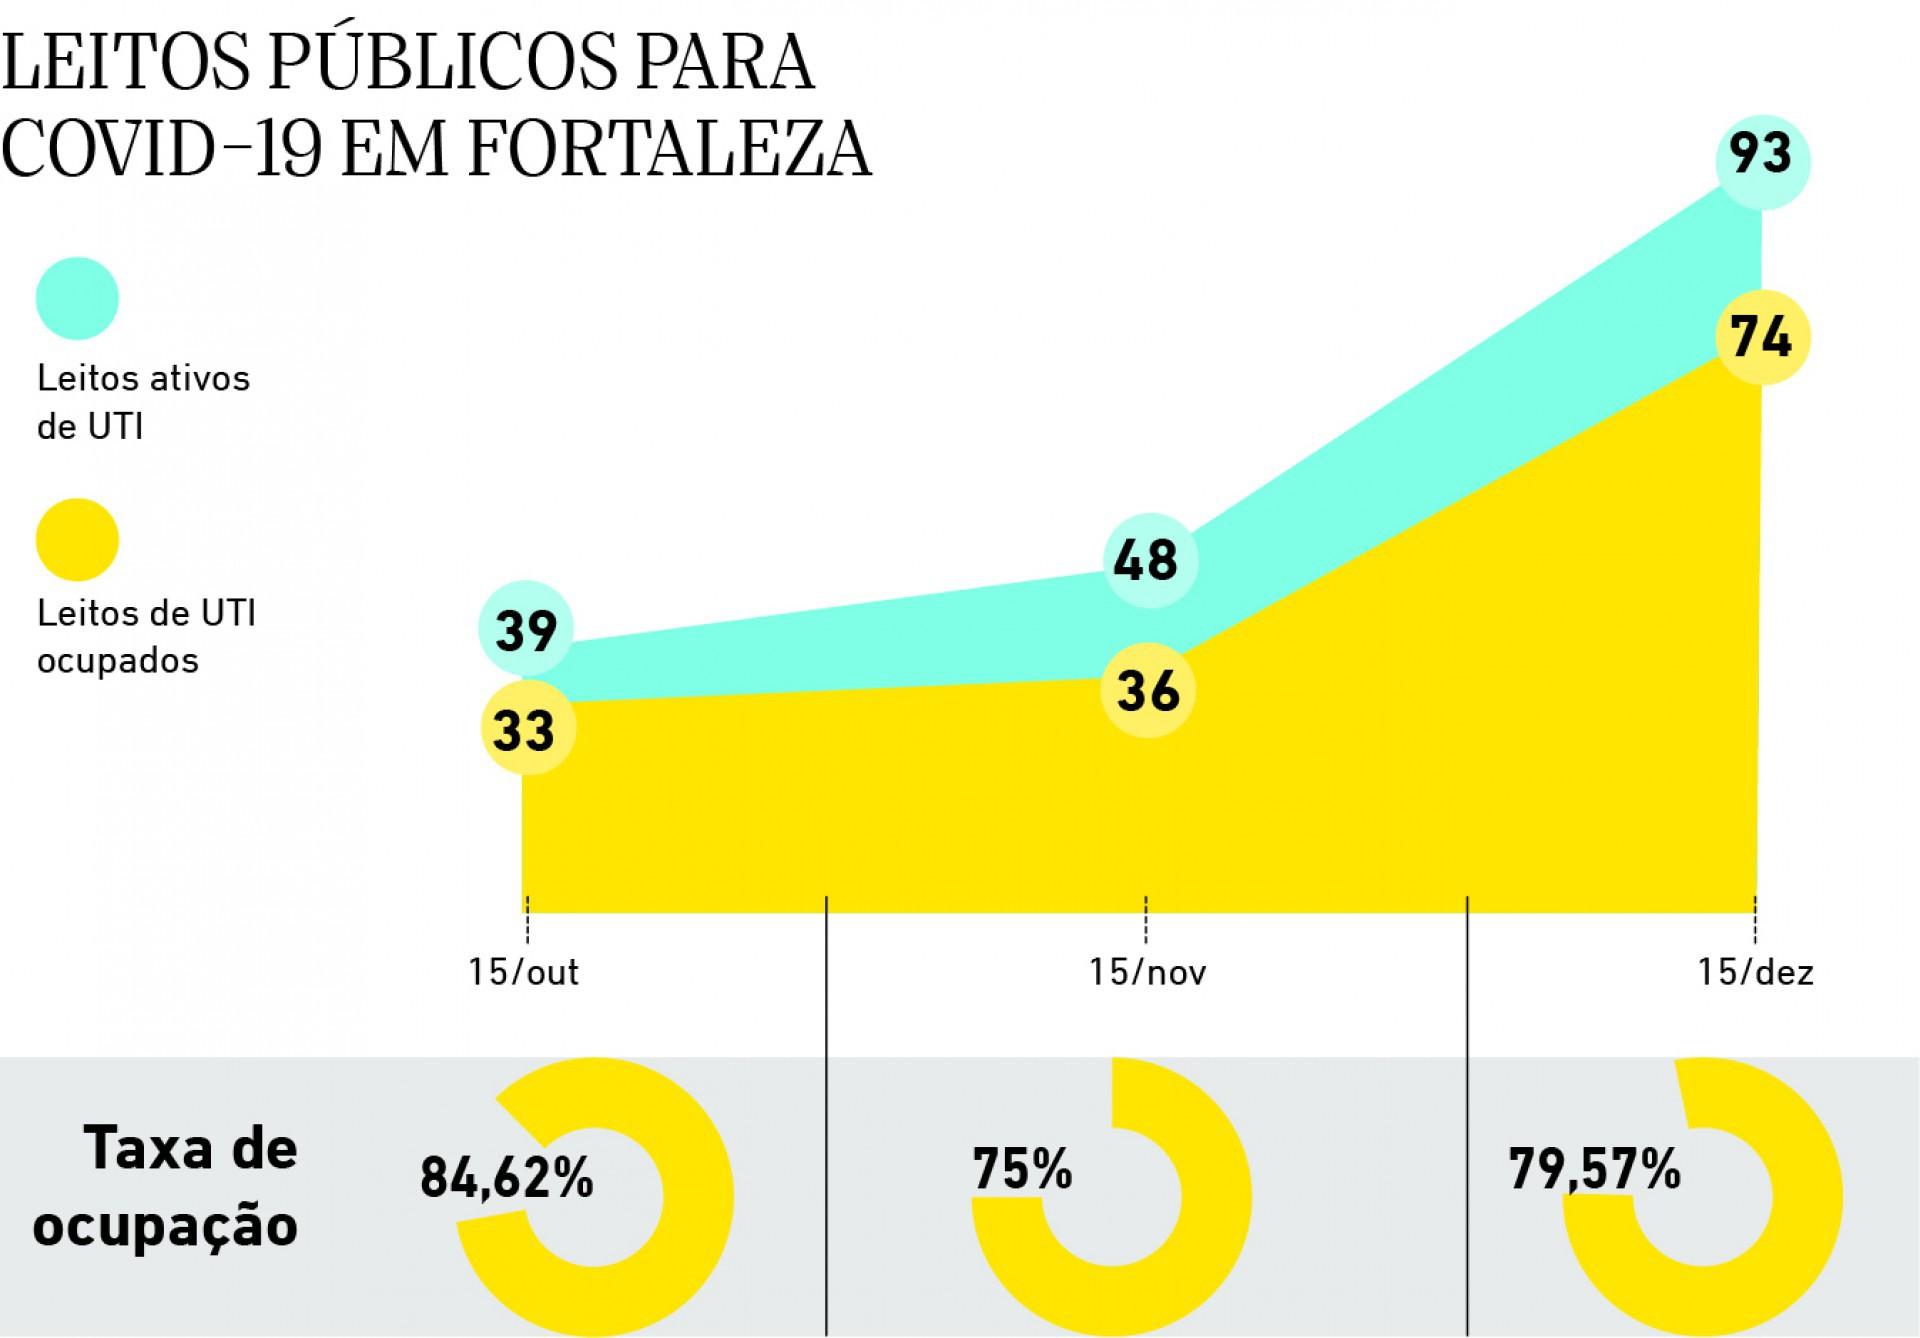 Leitos publicos para covid19 em Fortaleza